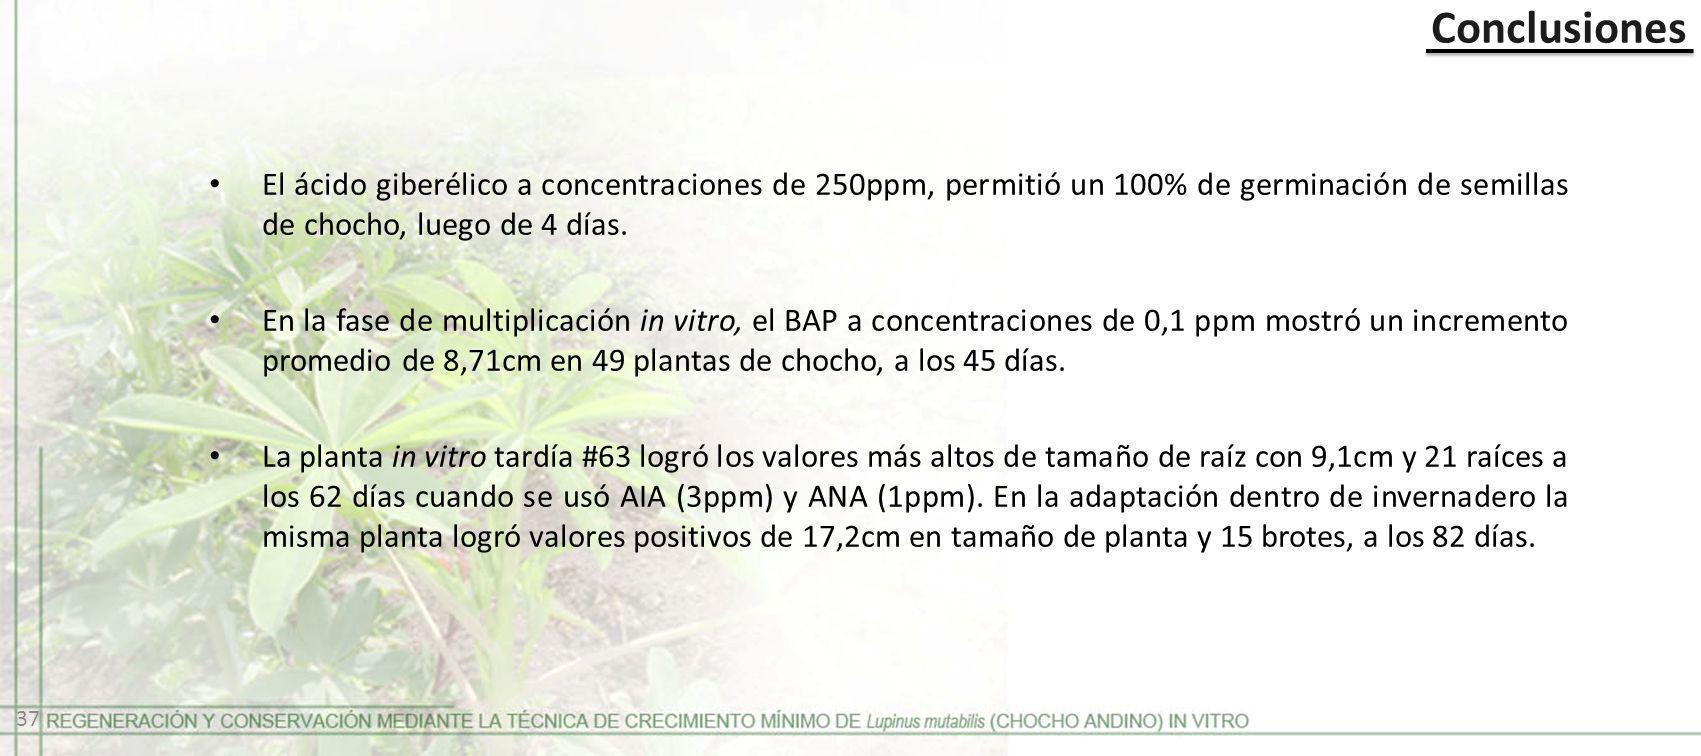 Conclusiones El ácido giberélico a concentraciones de 250ppm, permitió un 100% de germinación de semillas de chocho, luego de 4 días.